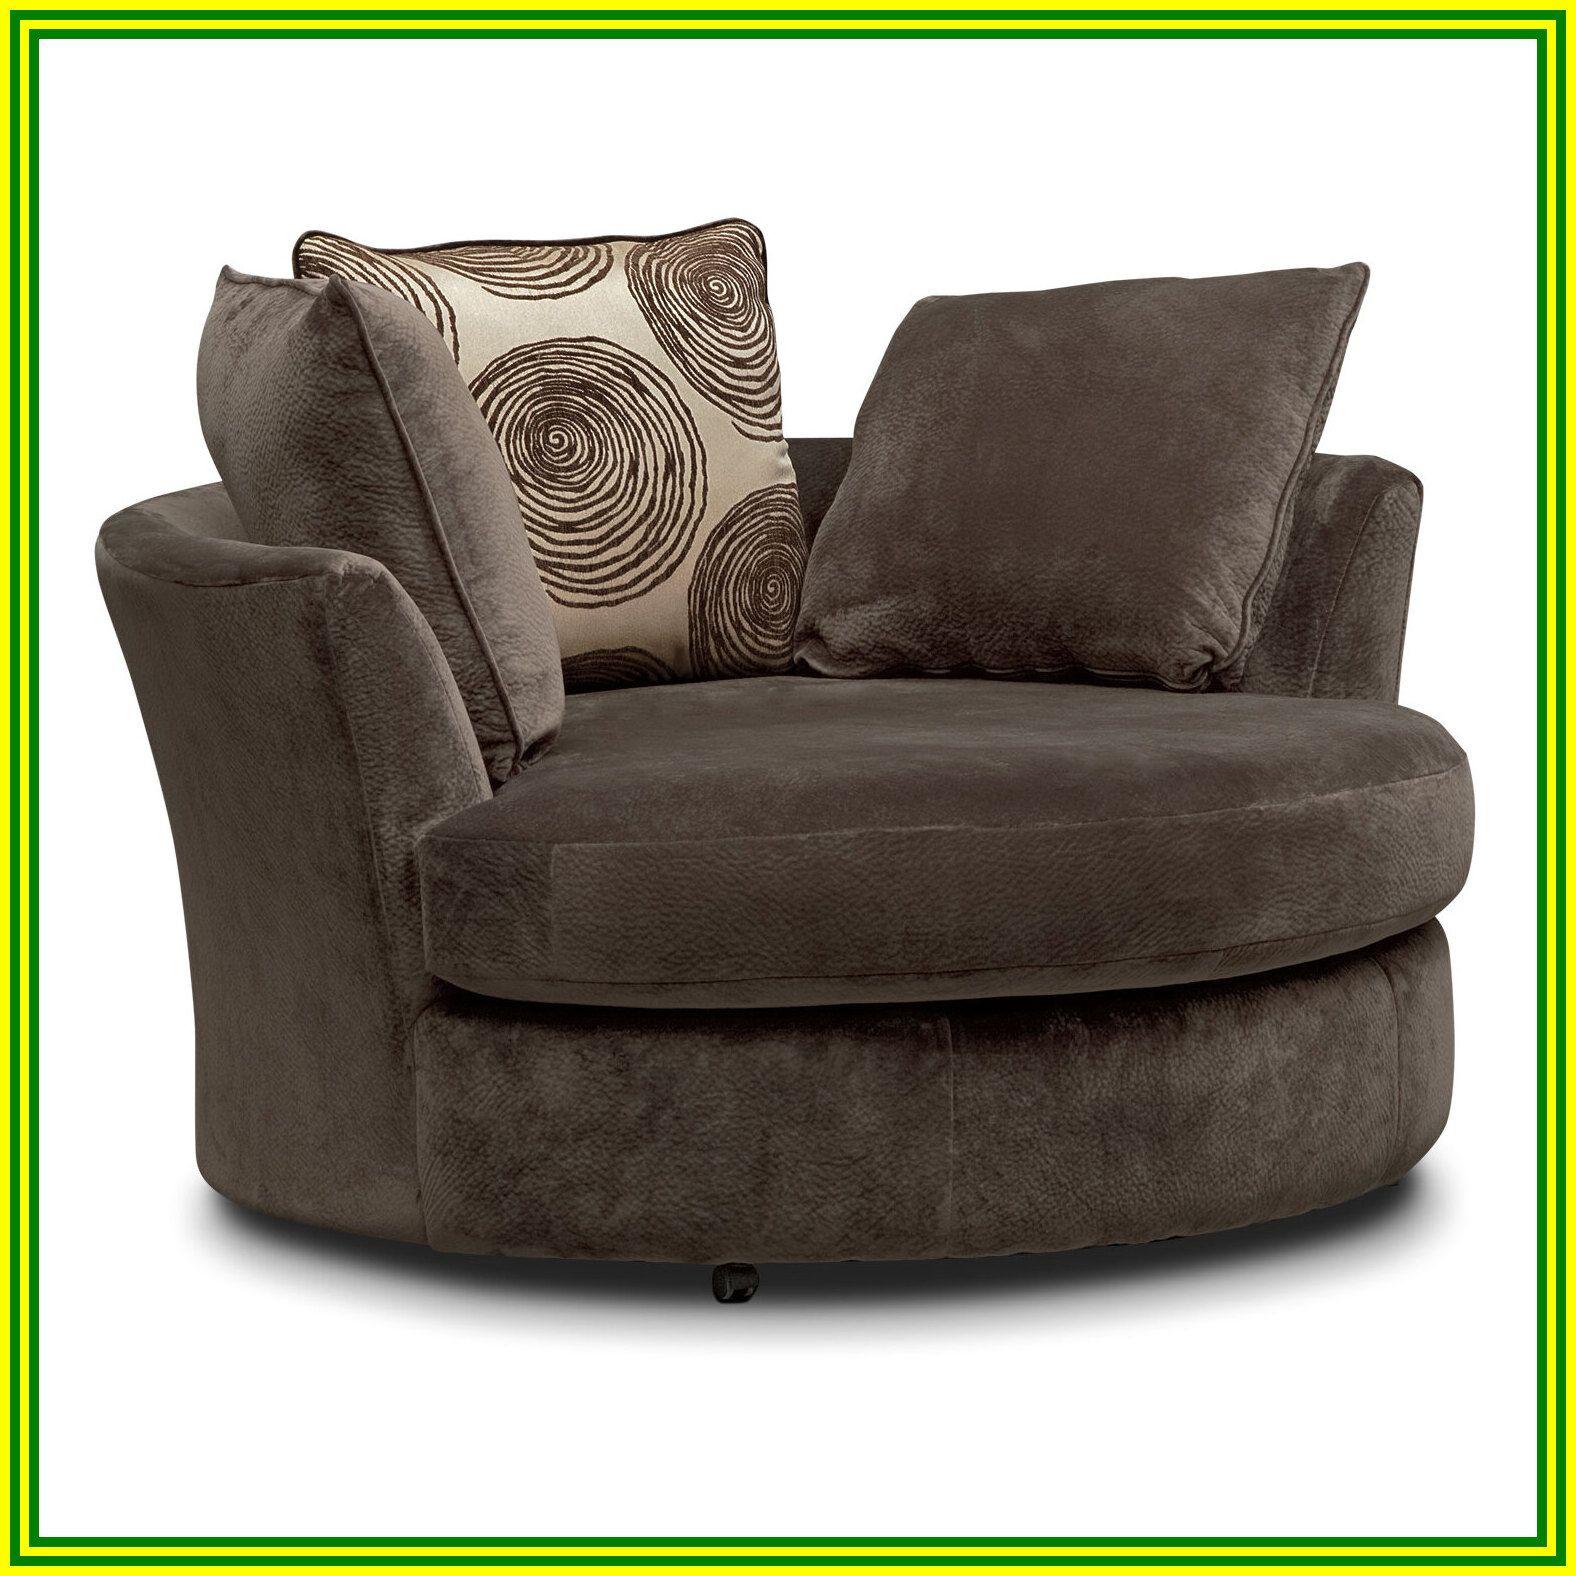 oversized swivel chair slipcover